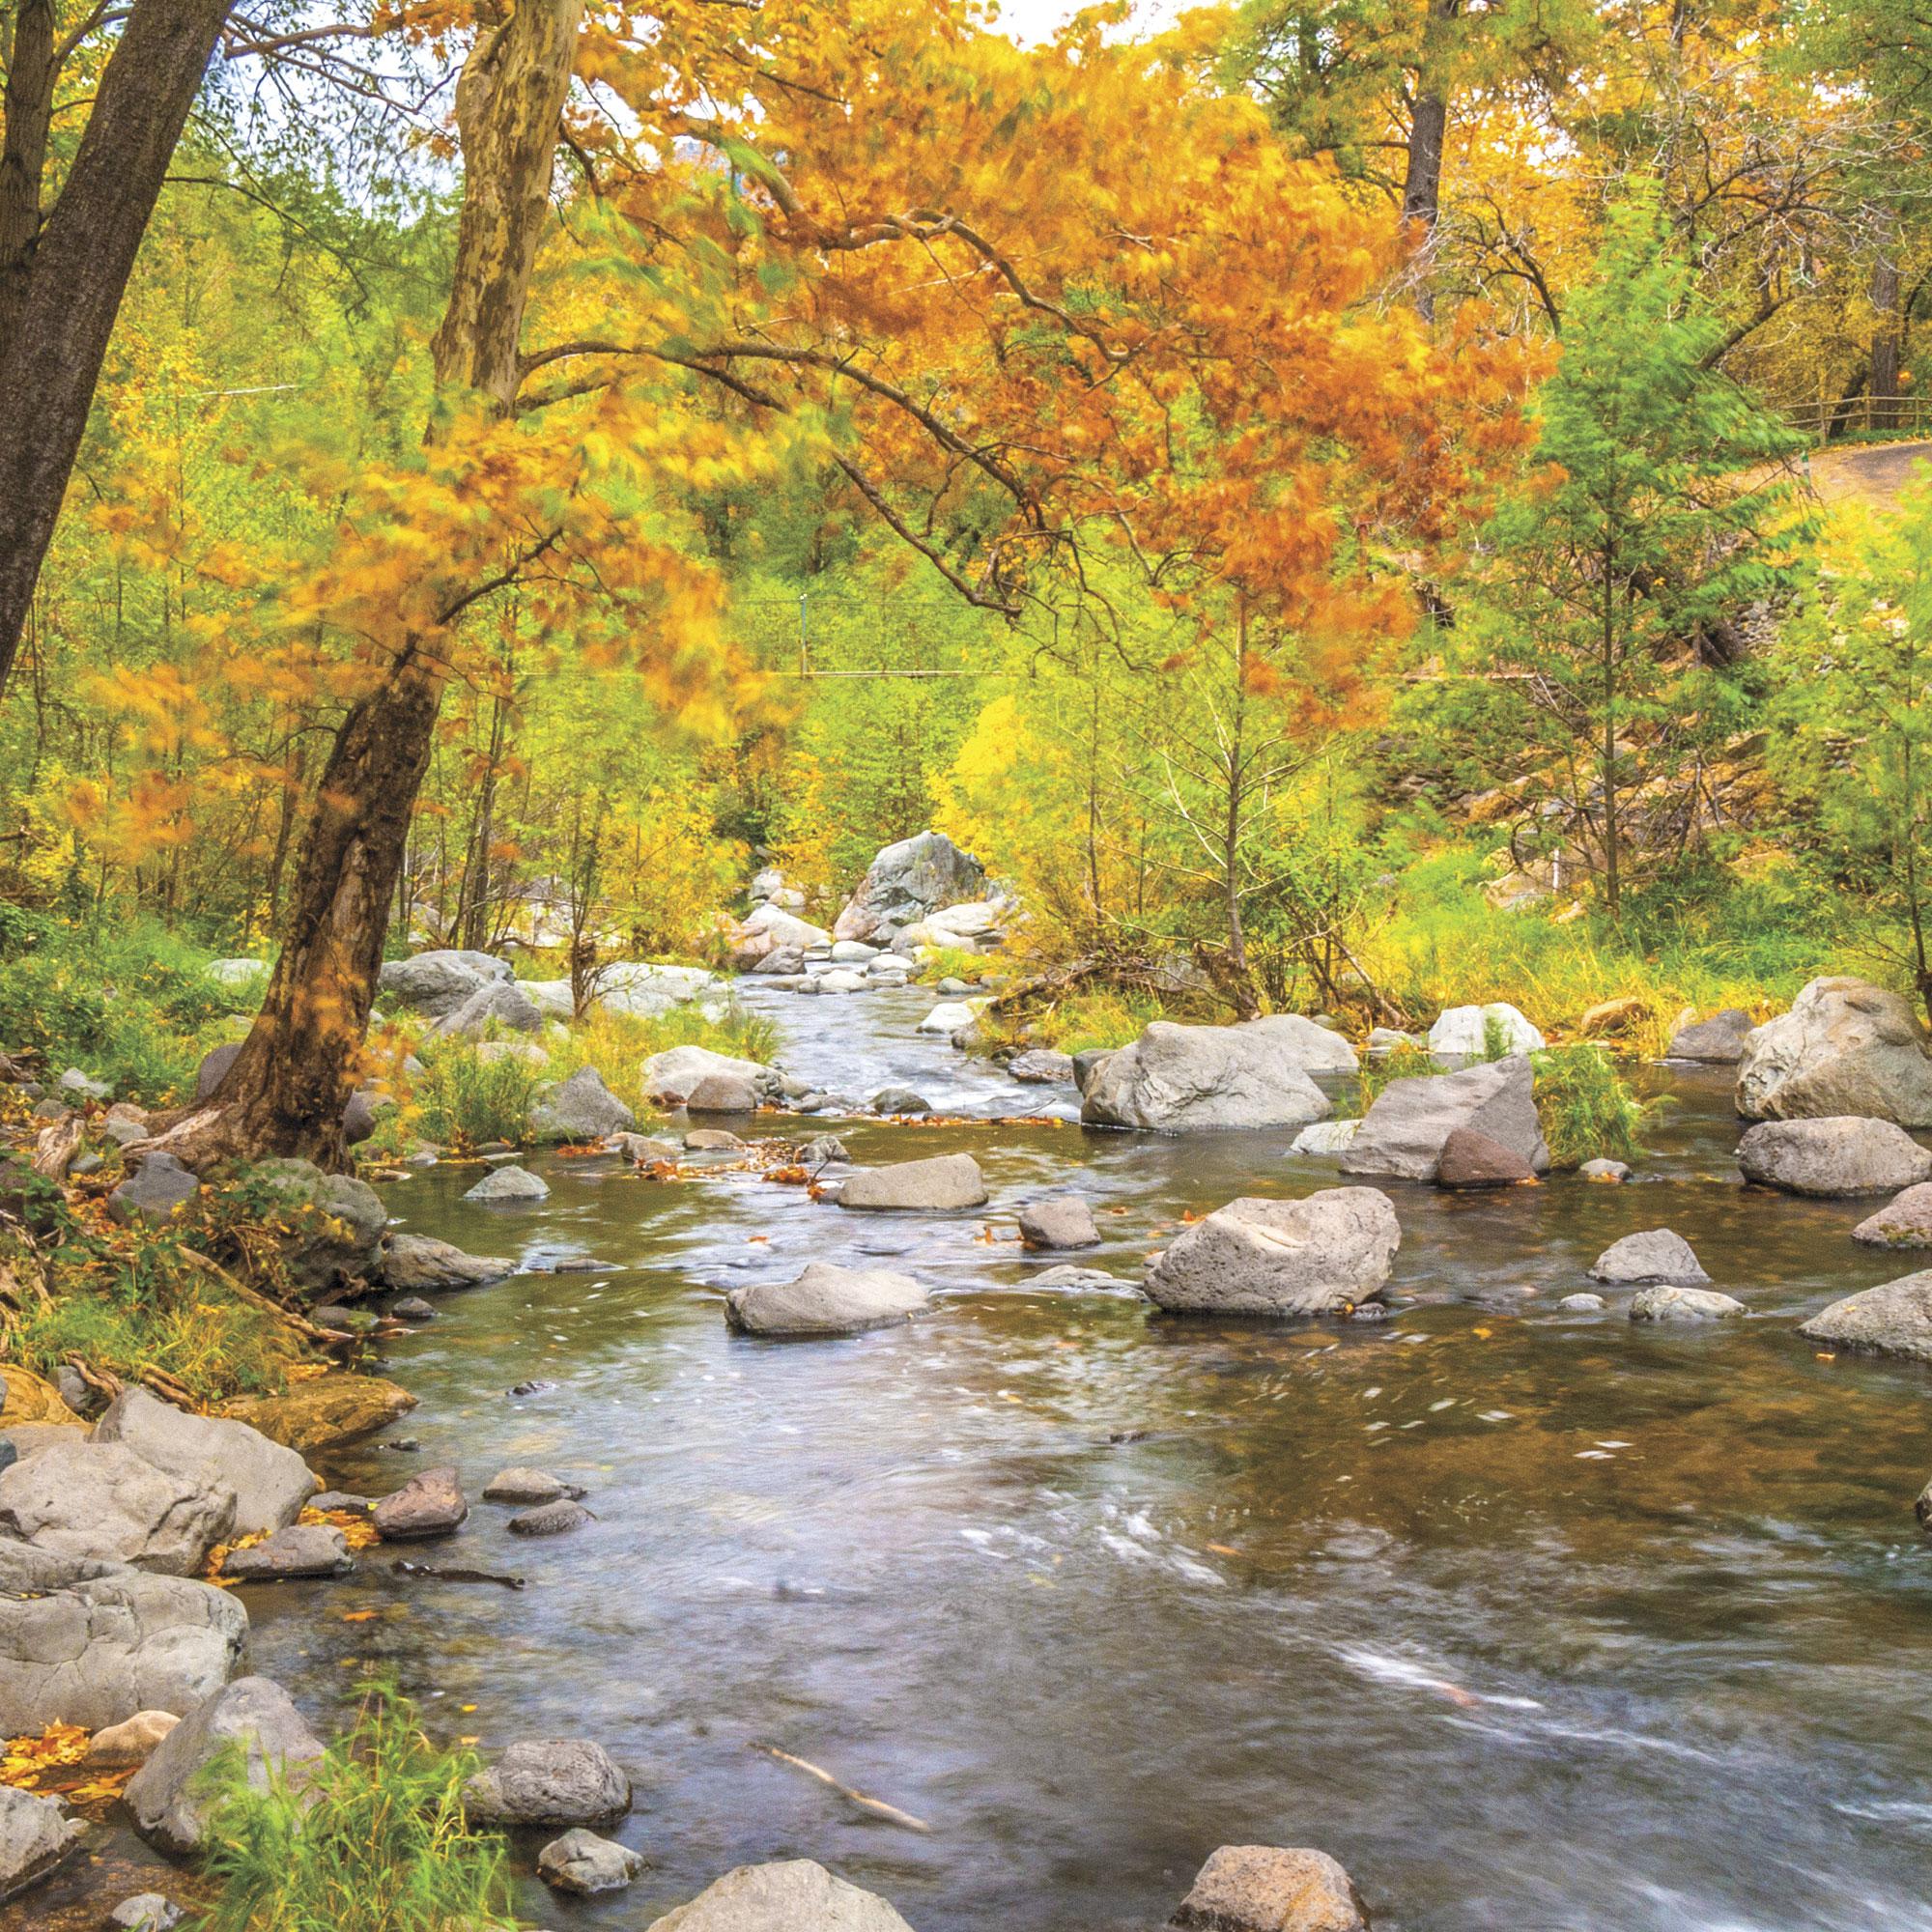 Oak Creek, Sedona; Photo courtesy Adobe Stock Images